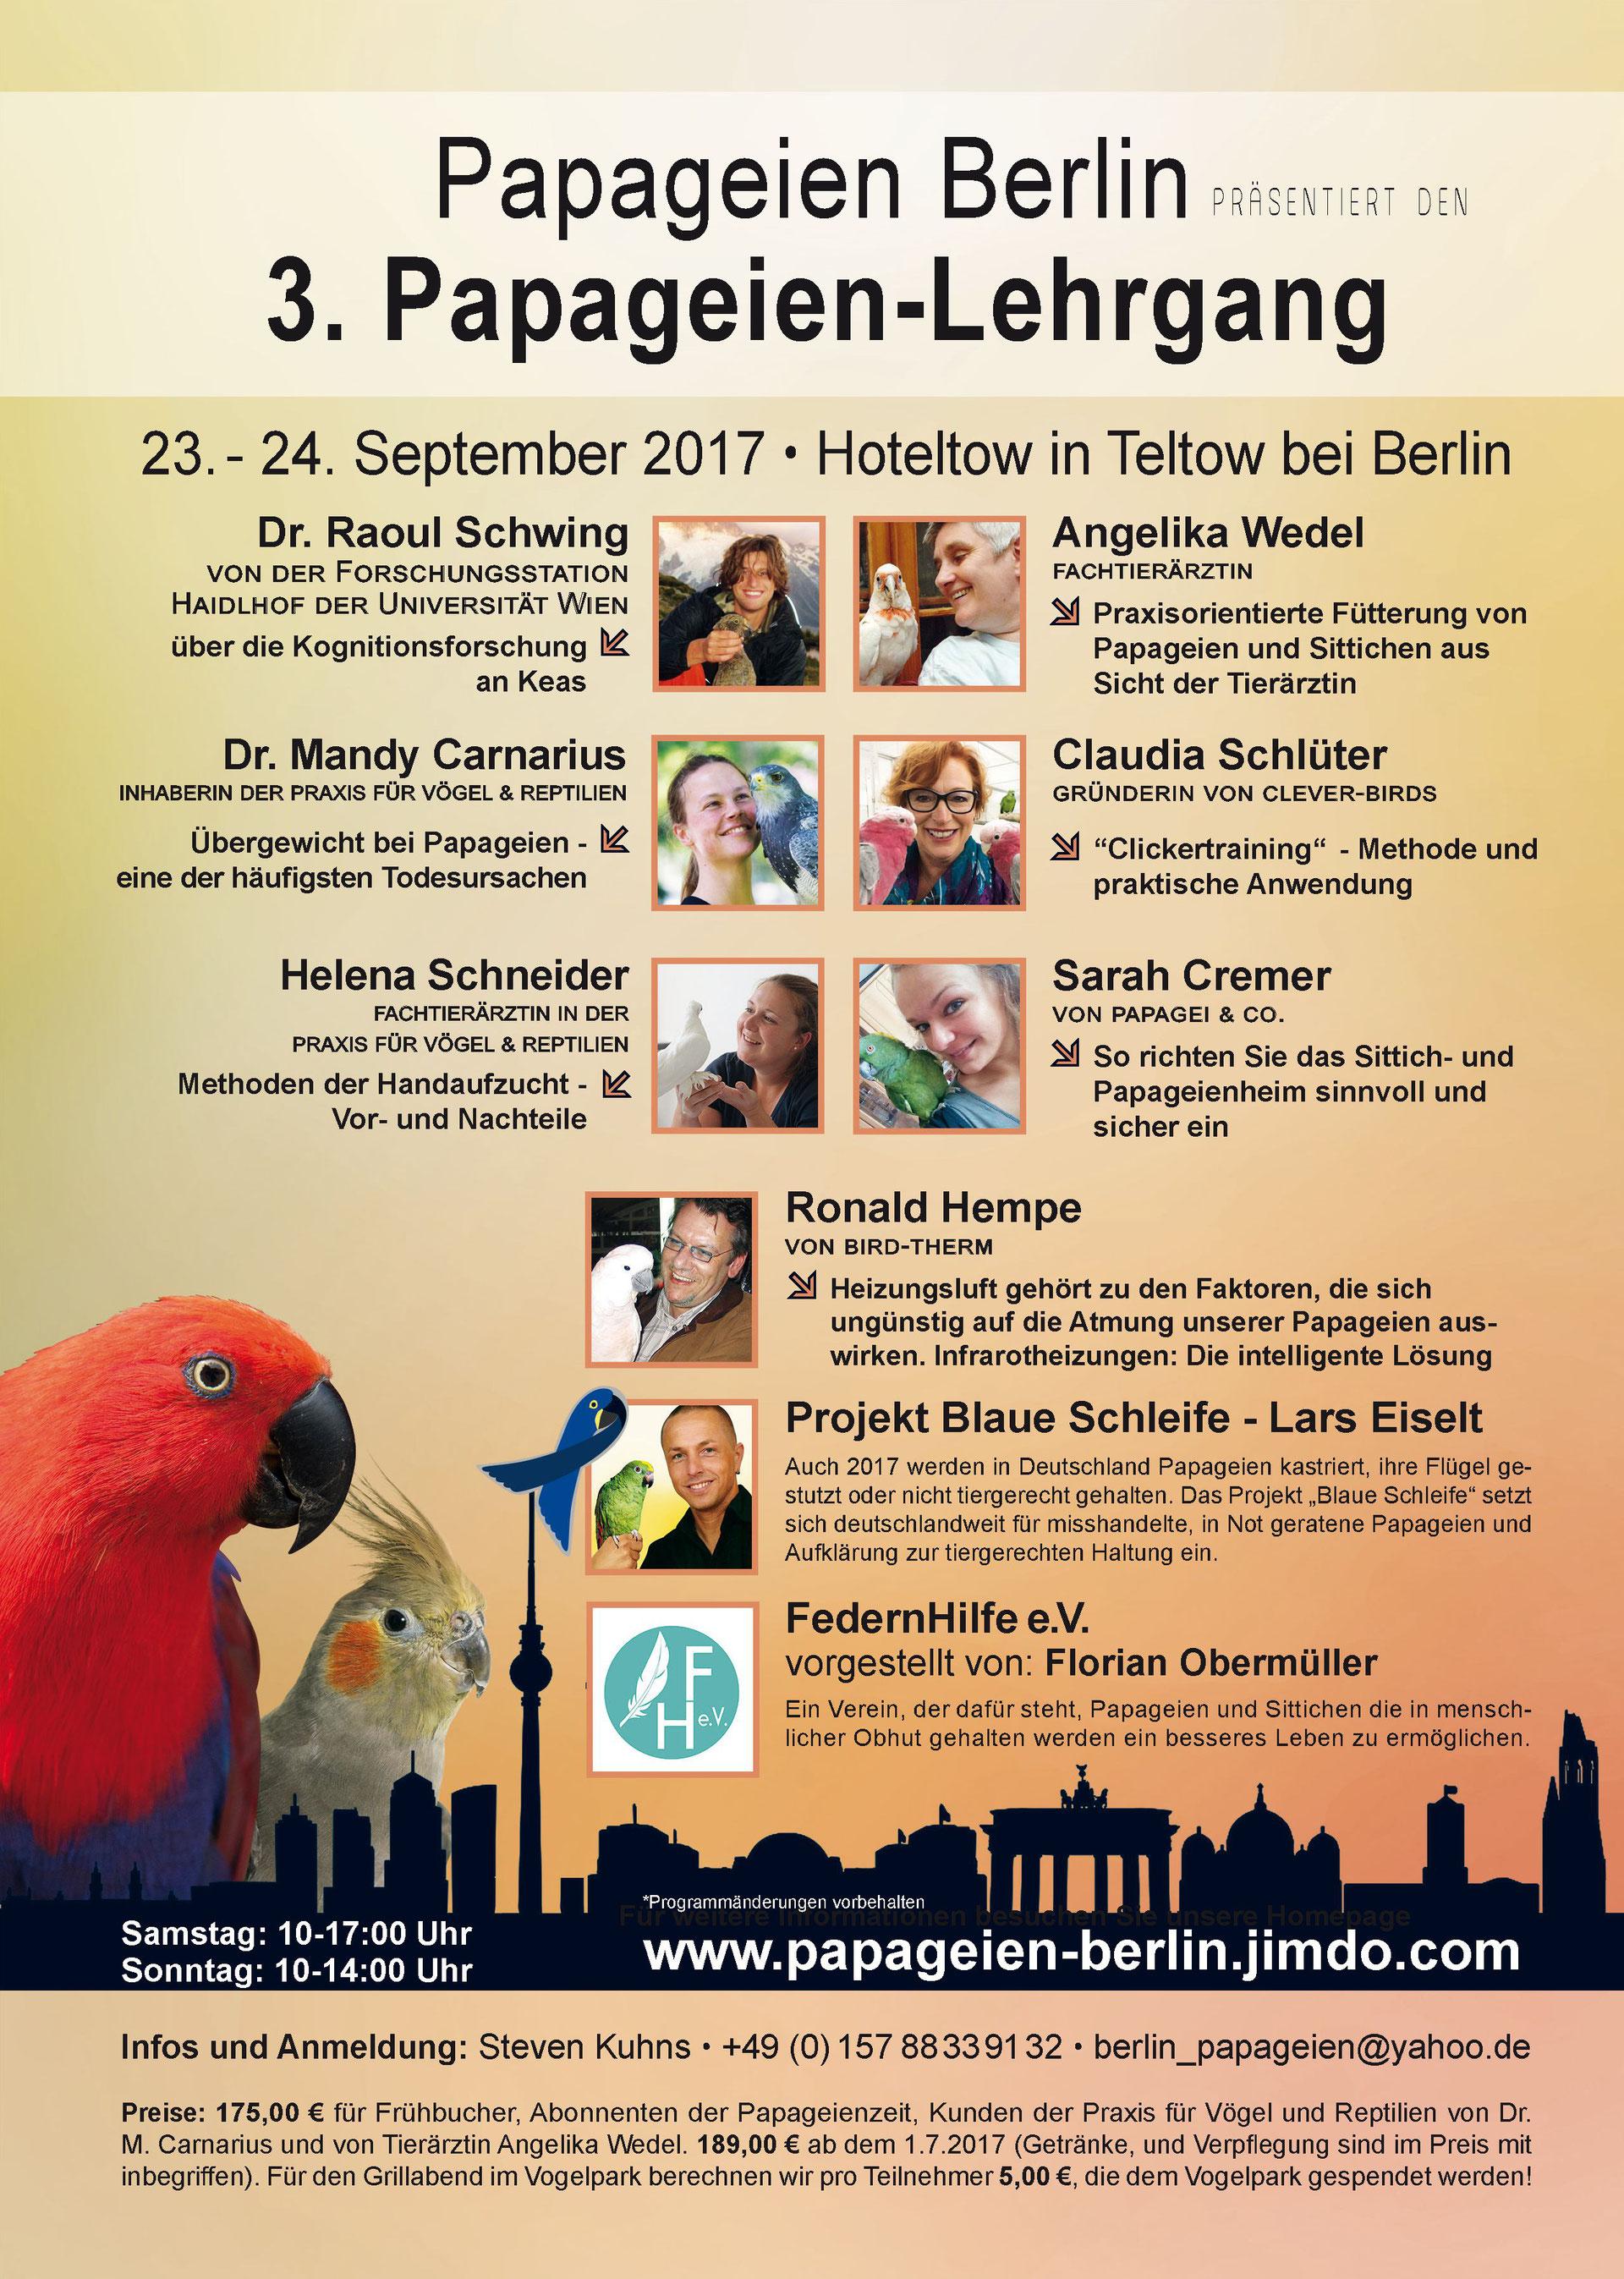 3. Papageienlehrgang 2017 - papageien-berlins Webseite!